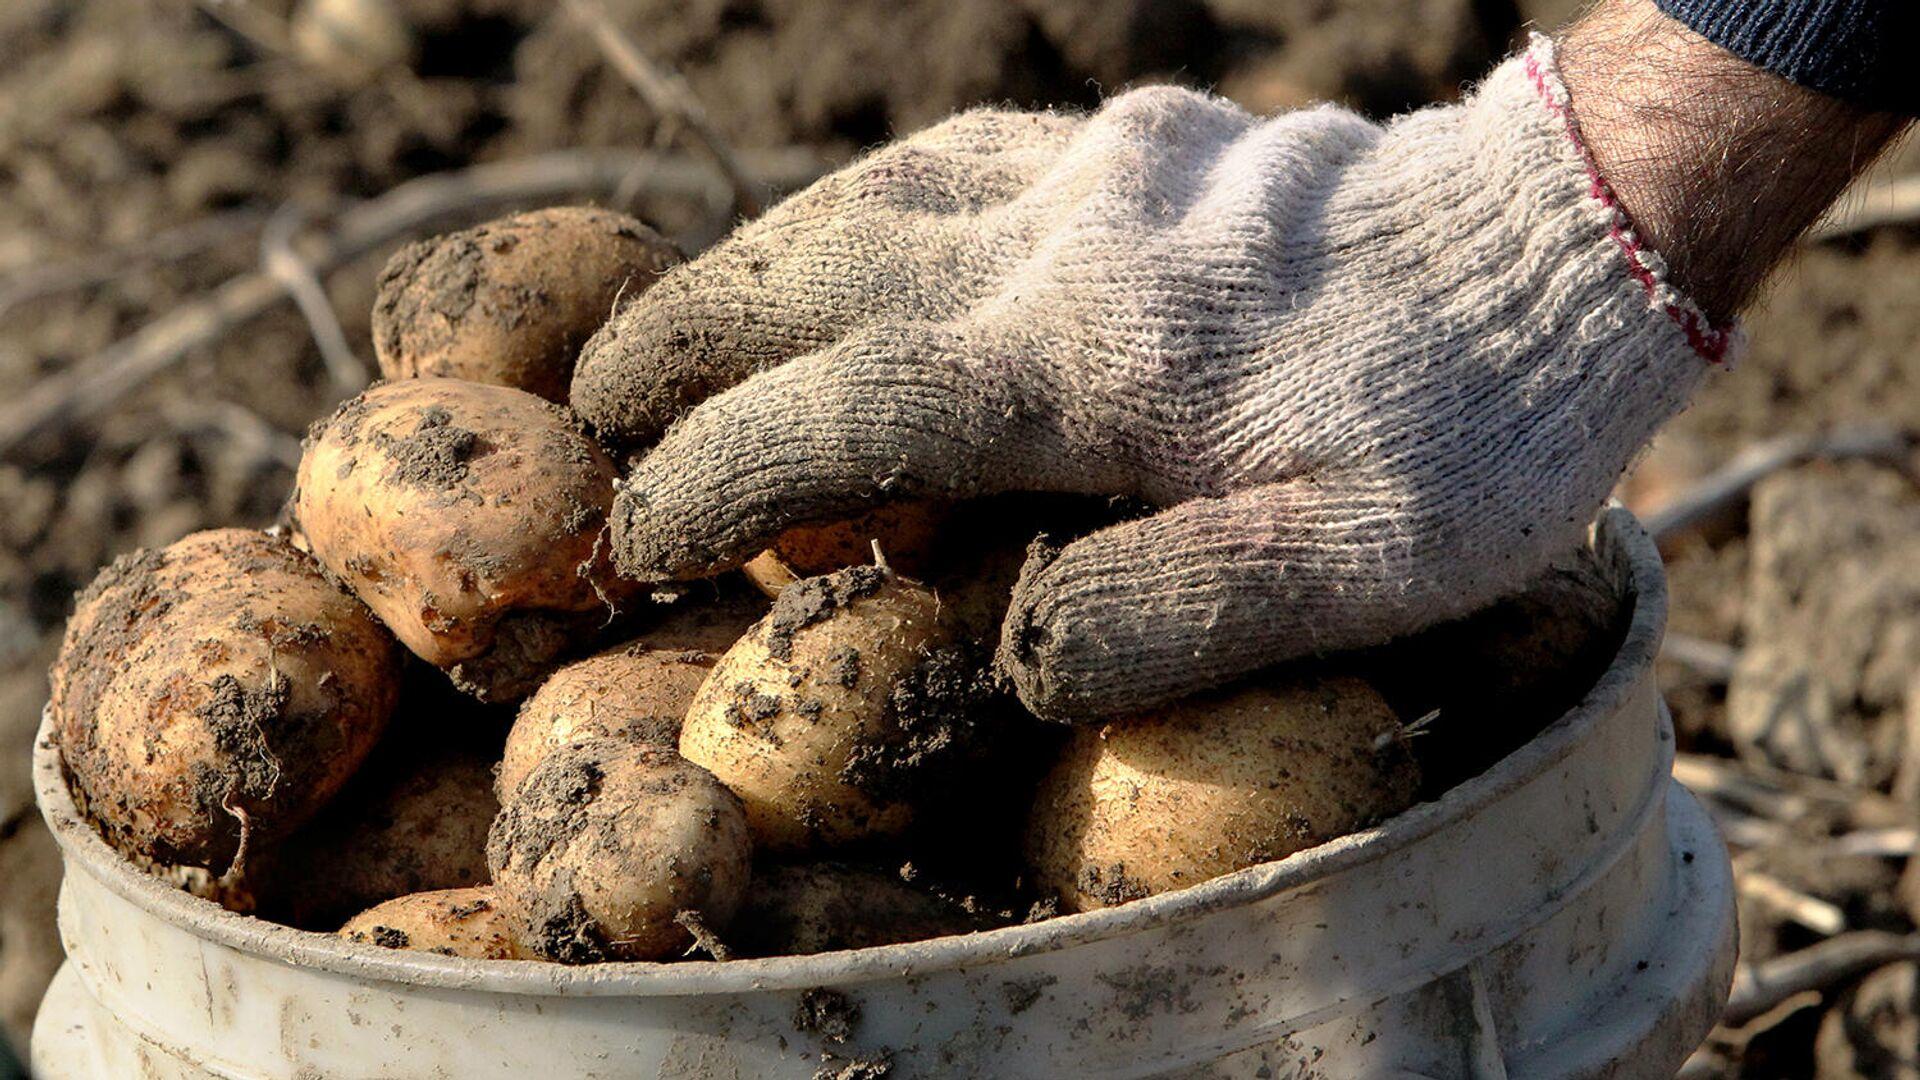 Сбор урожая картофеля - РИА Новости, 1920, 16.09.2020